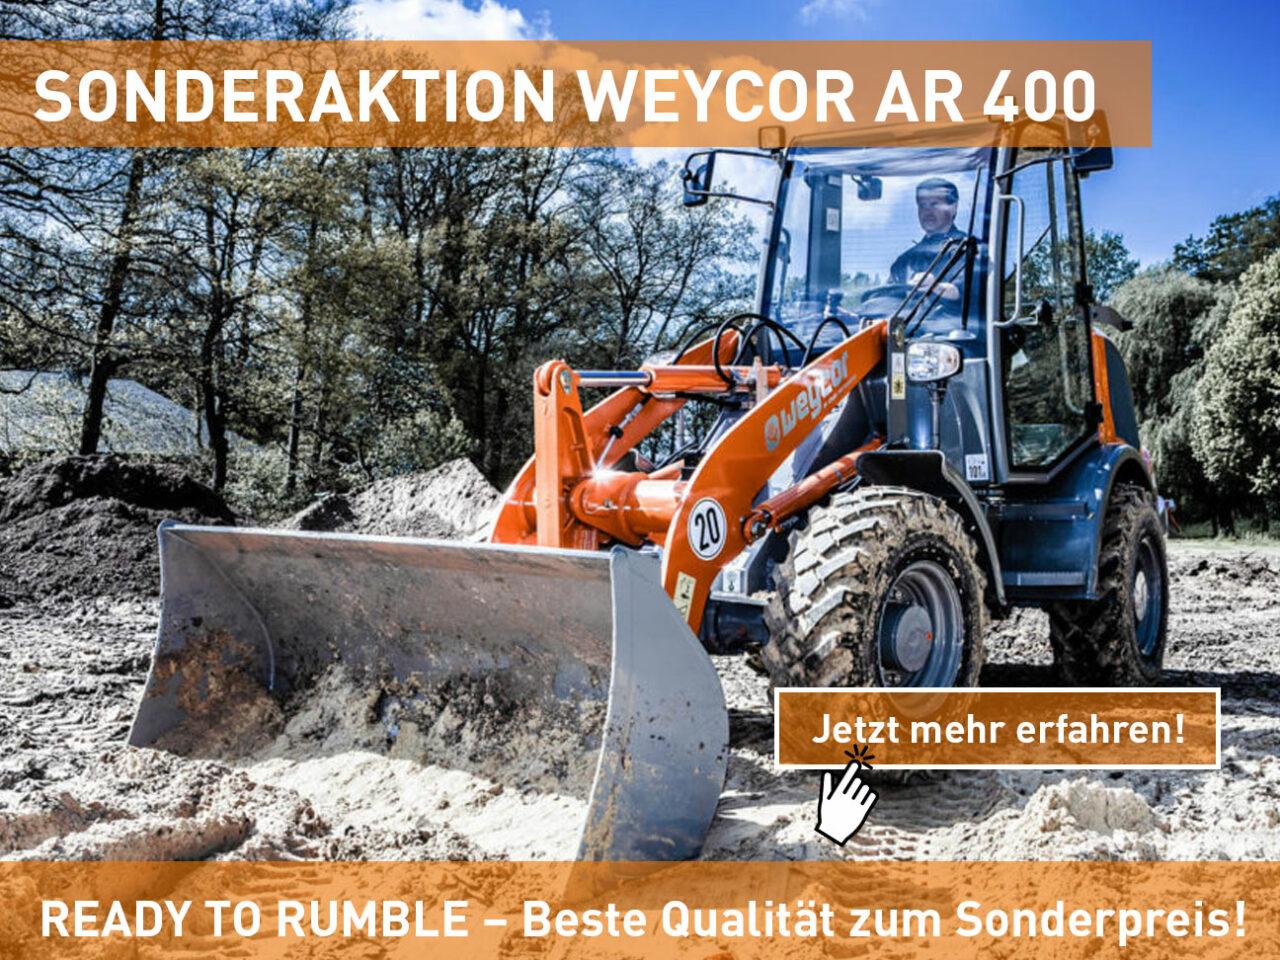 sonderaktion_weycor